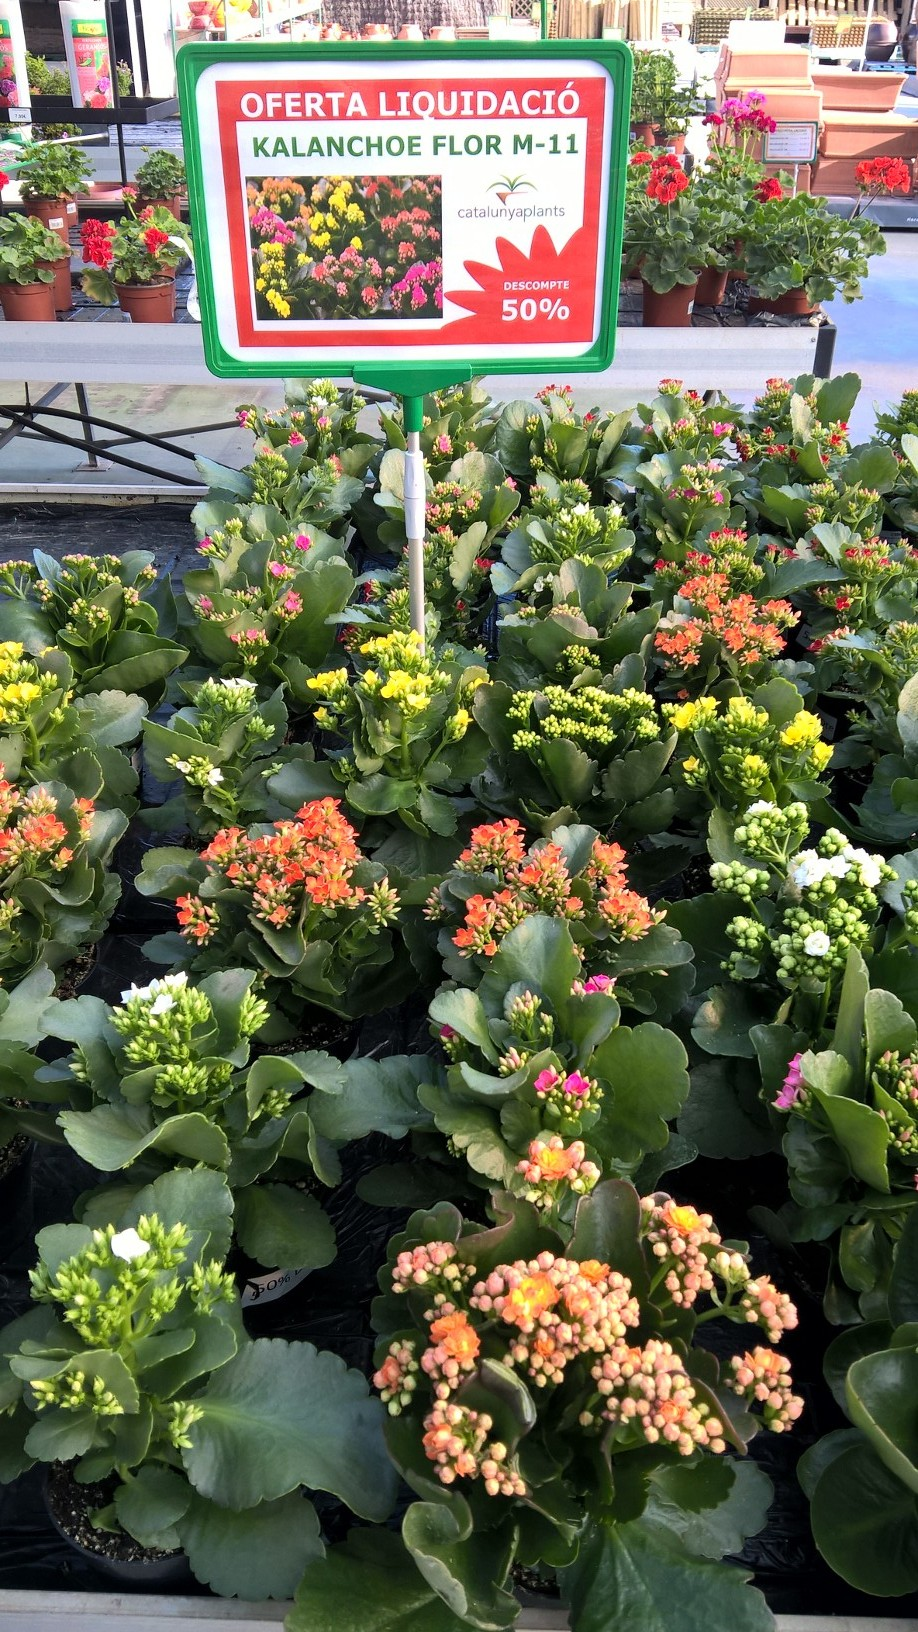 Oferta especial: Kalanchoe en flor con un 50% de descuento.